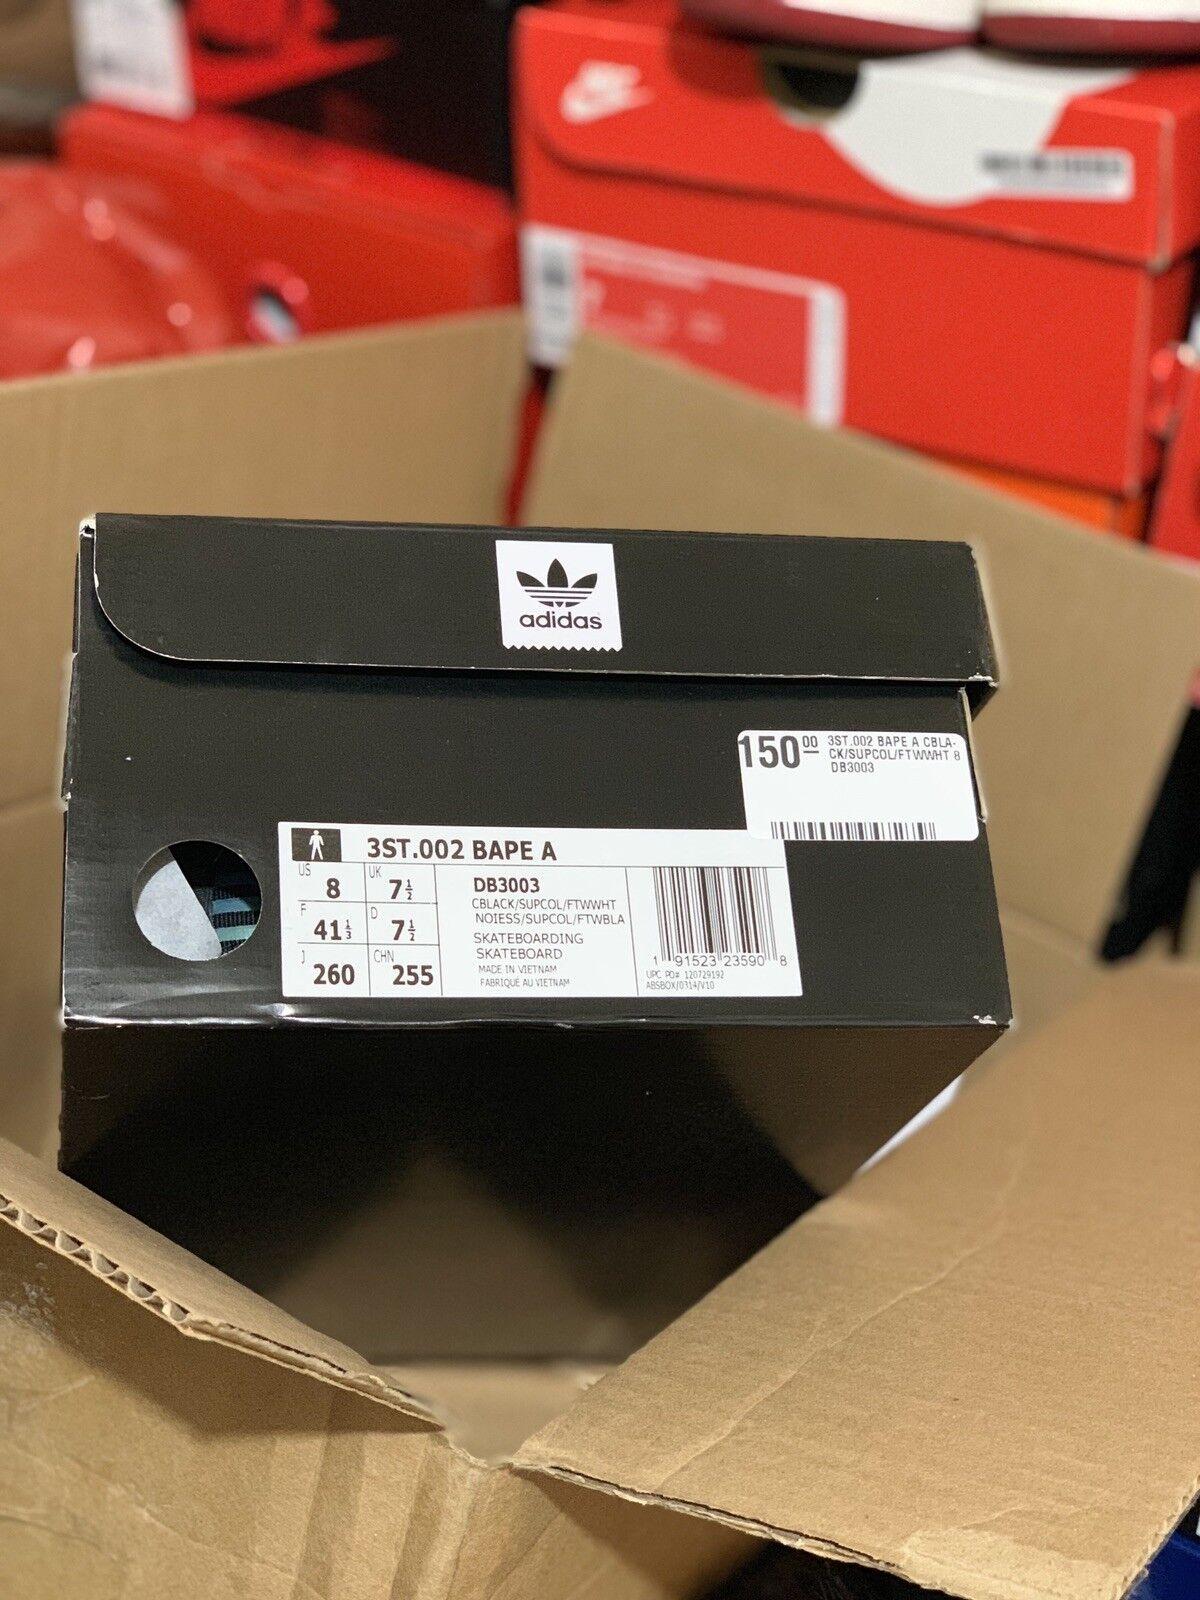 c2154a766 Adidas x Bape 3ST.002 size 8 nqspbb3450-Athletic Shoes - boots ...